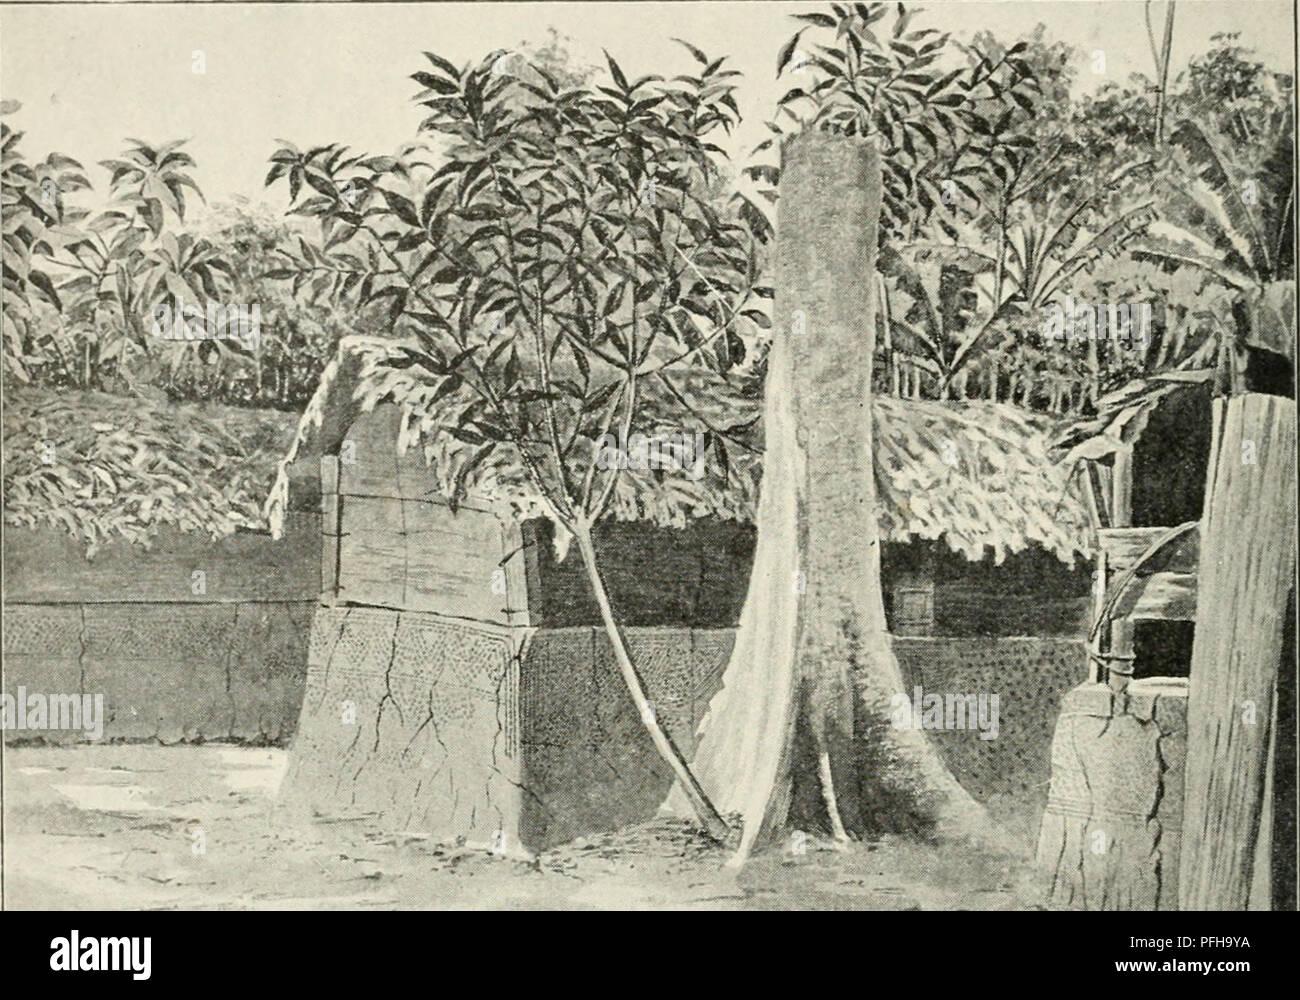 . Dans la grande forêt de l'Afrique centrale. Mon voyage au Congo et à la Mongala en 1896. Botany. 38 Chapitre IF En continuant notre route vers le nord, nous traversâmes la croupe large d'une colline basse et assez sèche, couverte de hautes futaies, et, après une marche de sept heures, nous atteignîmes le village de ftfukamba. Peu après, nous rencon- trâmes un groupe de trois villages qui portent le nom de Mond j erengi (ou Monkerenke). Au delà de cette localité se suivent à peu de distance les villages de M (il n 1 u, O polo, Congo fou Gundji)et Masanga, qui comptent à peu près une  - Stock Image